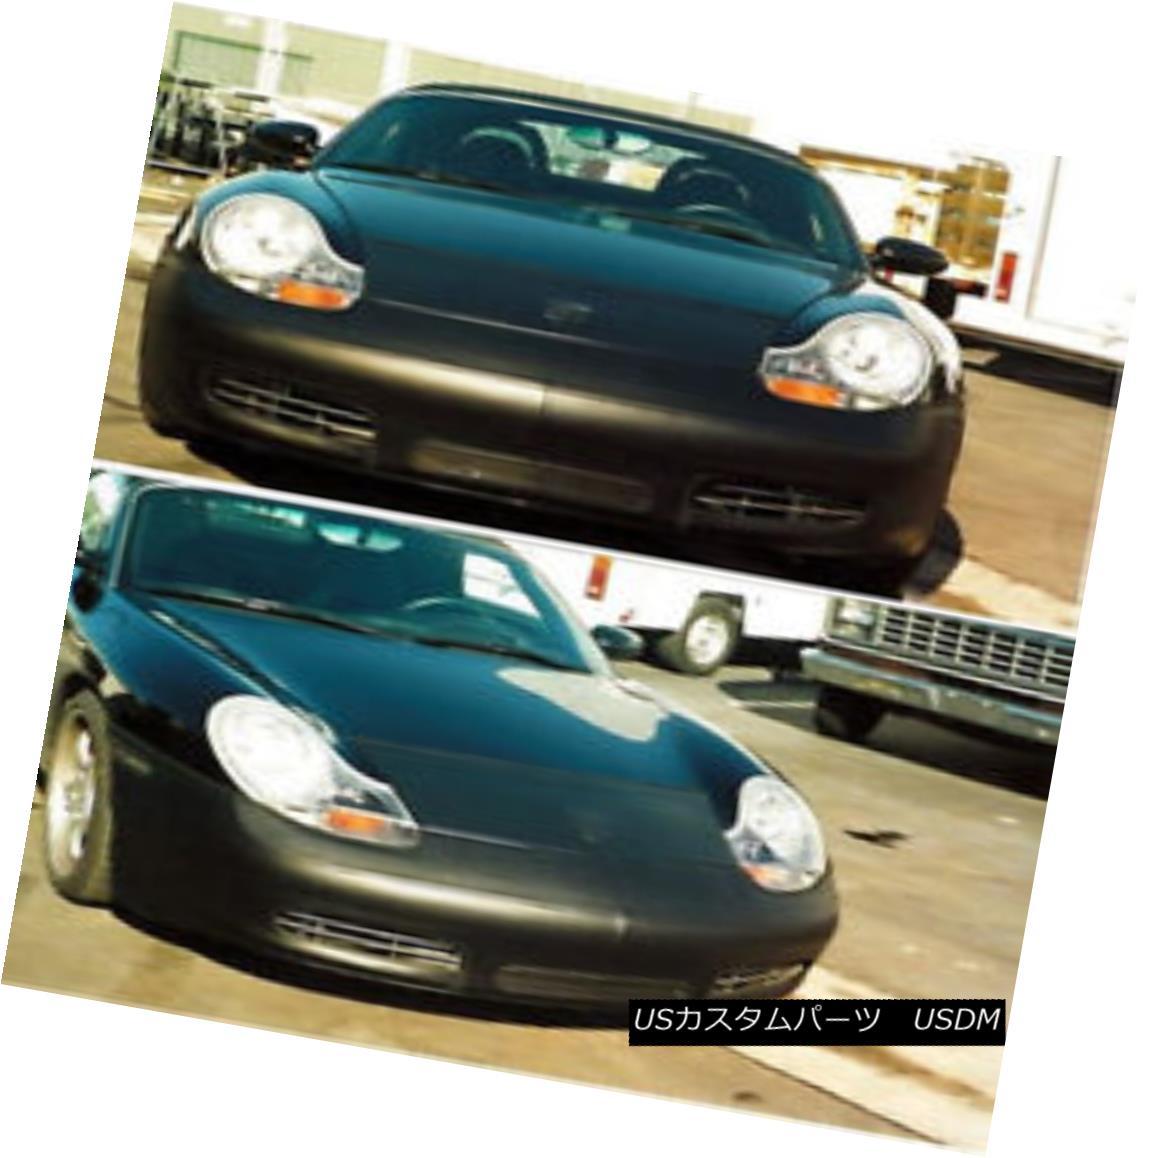 フルブラ ノーズブラ Colgan Front End Mask Bra 2pc. Fits Porsche Boxster S 2000-2002 W/O Lic.Plate  コルガンフロントエンドマスクブラ2pc ポルシェBoxster S 2000-2002 W / O Lic.Plateに適合